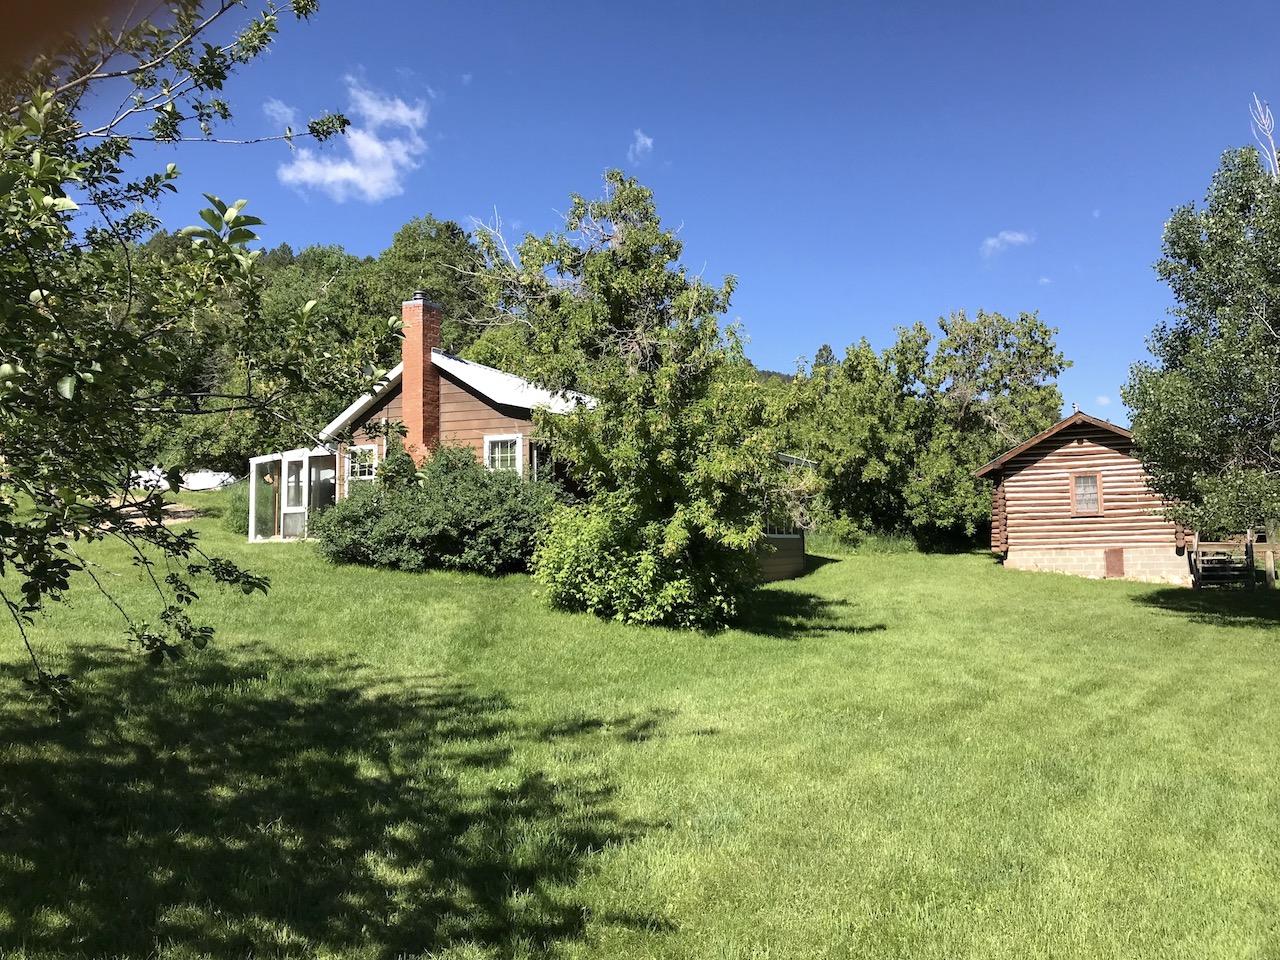 Home & Original Guest Cabin